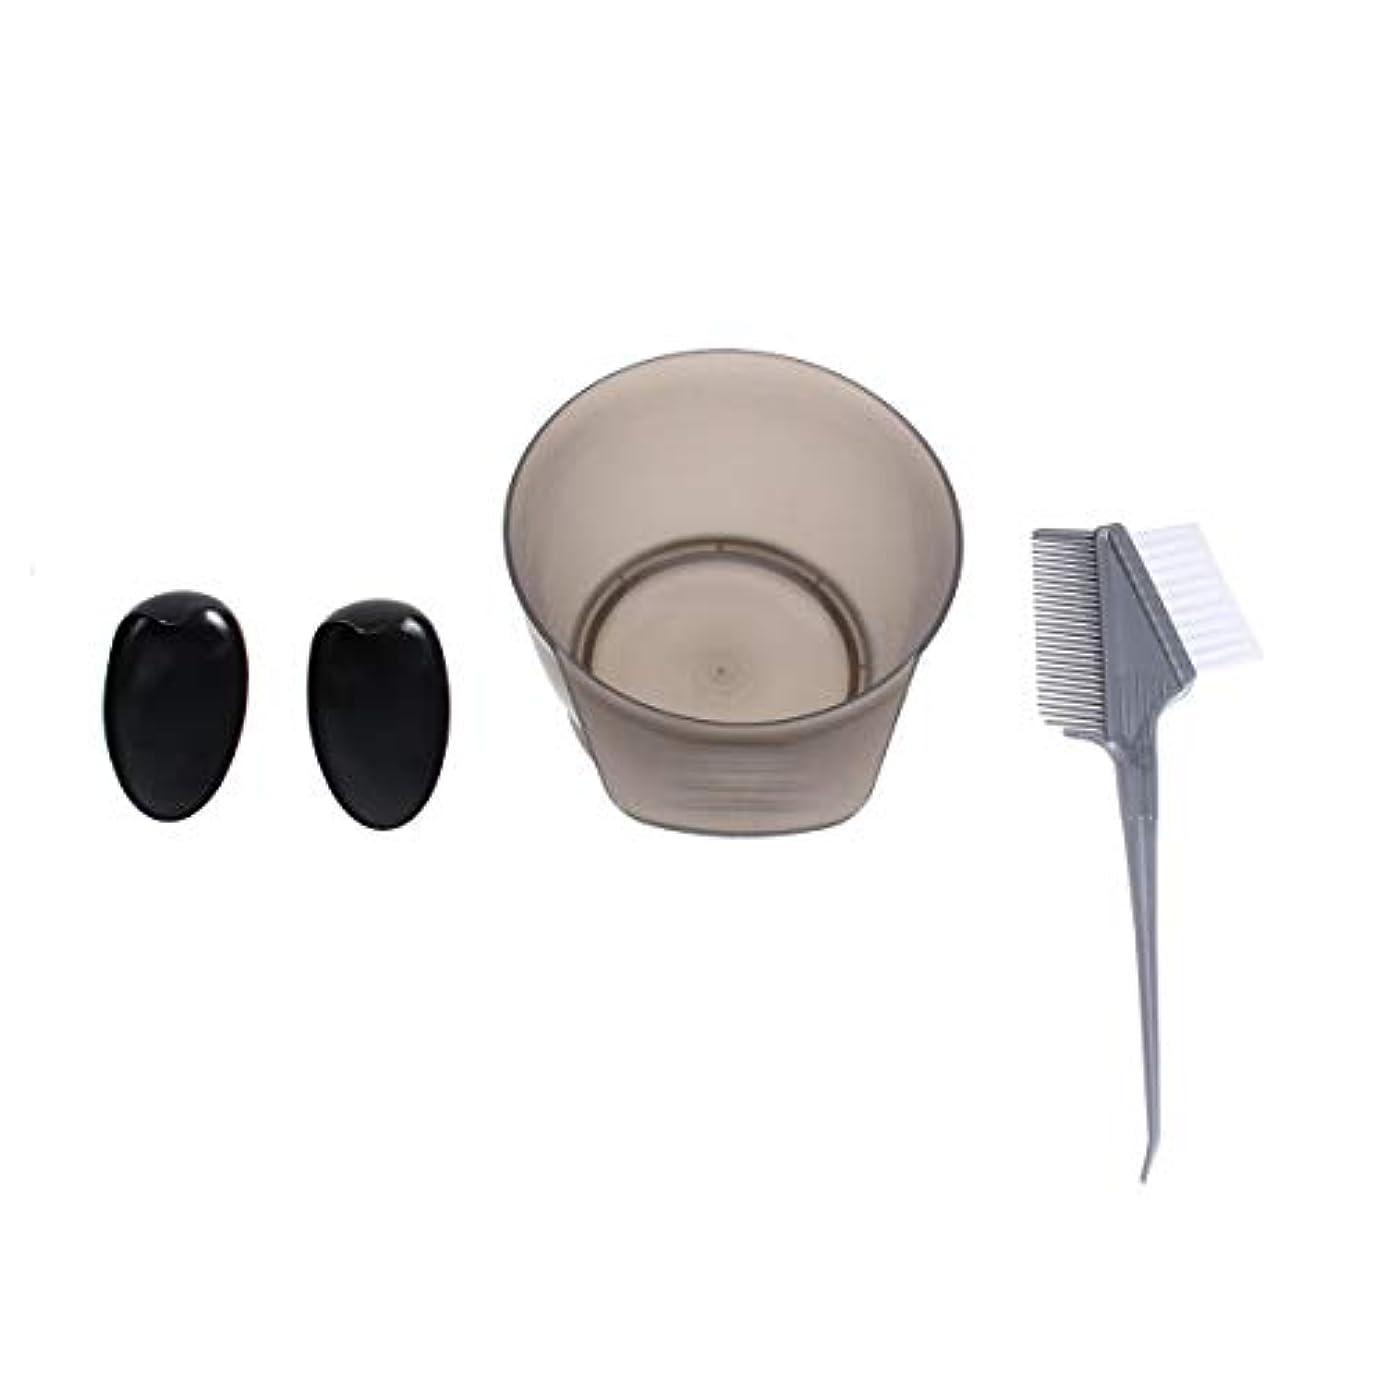 安らぎ失敗求人Lurroseヘアカラーキットプロフェッショナルホームdiyヘアティンティングセットヘア染色ツール